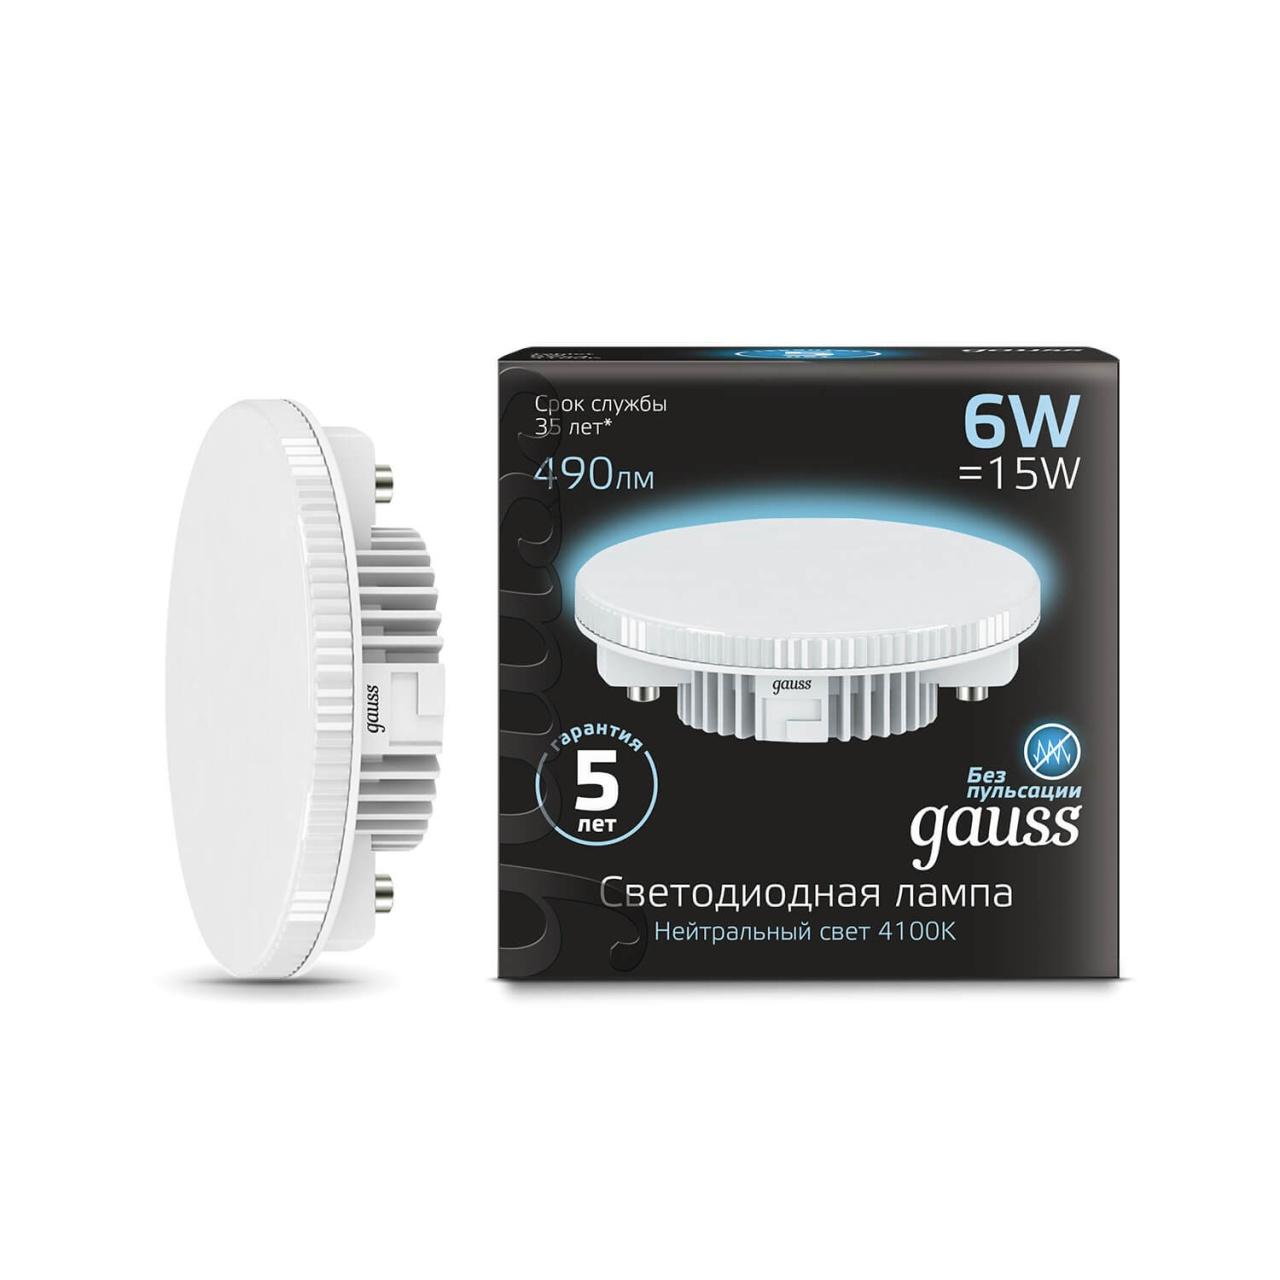 купить Лампа светодиодная Gauss GX53 6W 4100K матовая 108008206 по цене 265 рублей